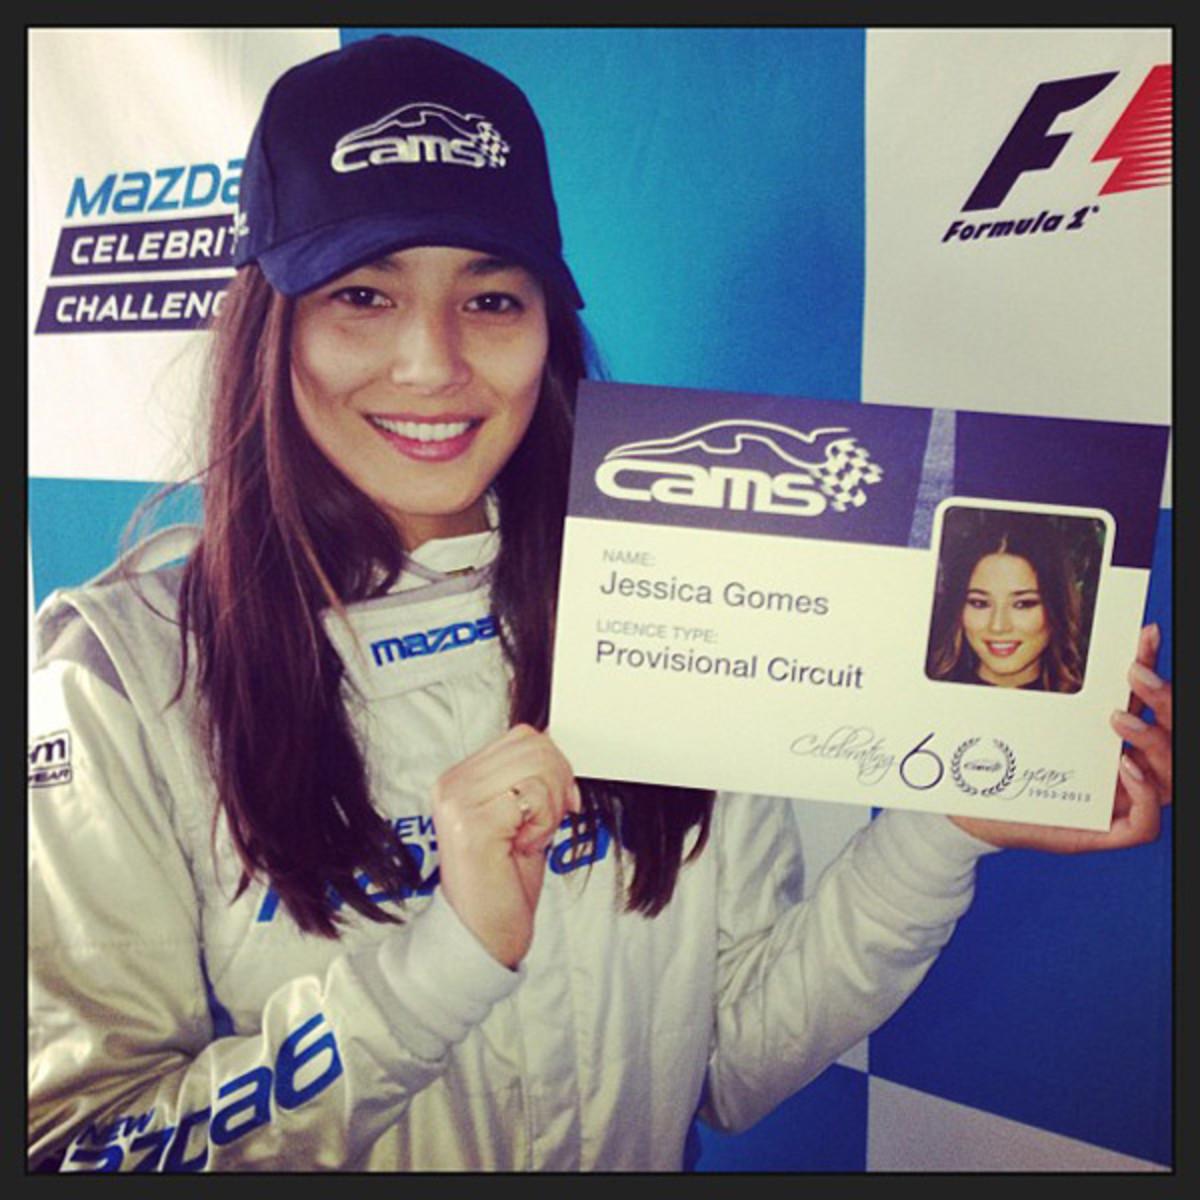 Jessica Gomes' F1 License :: @iamjessicagomes